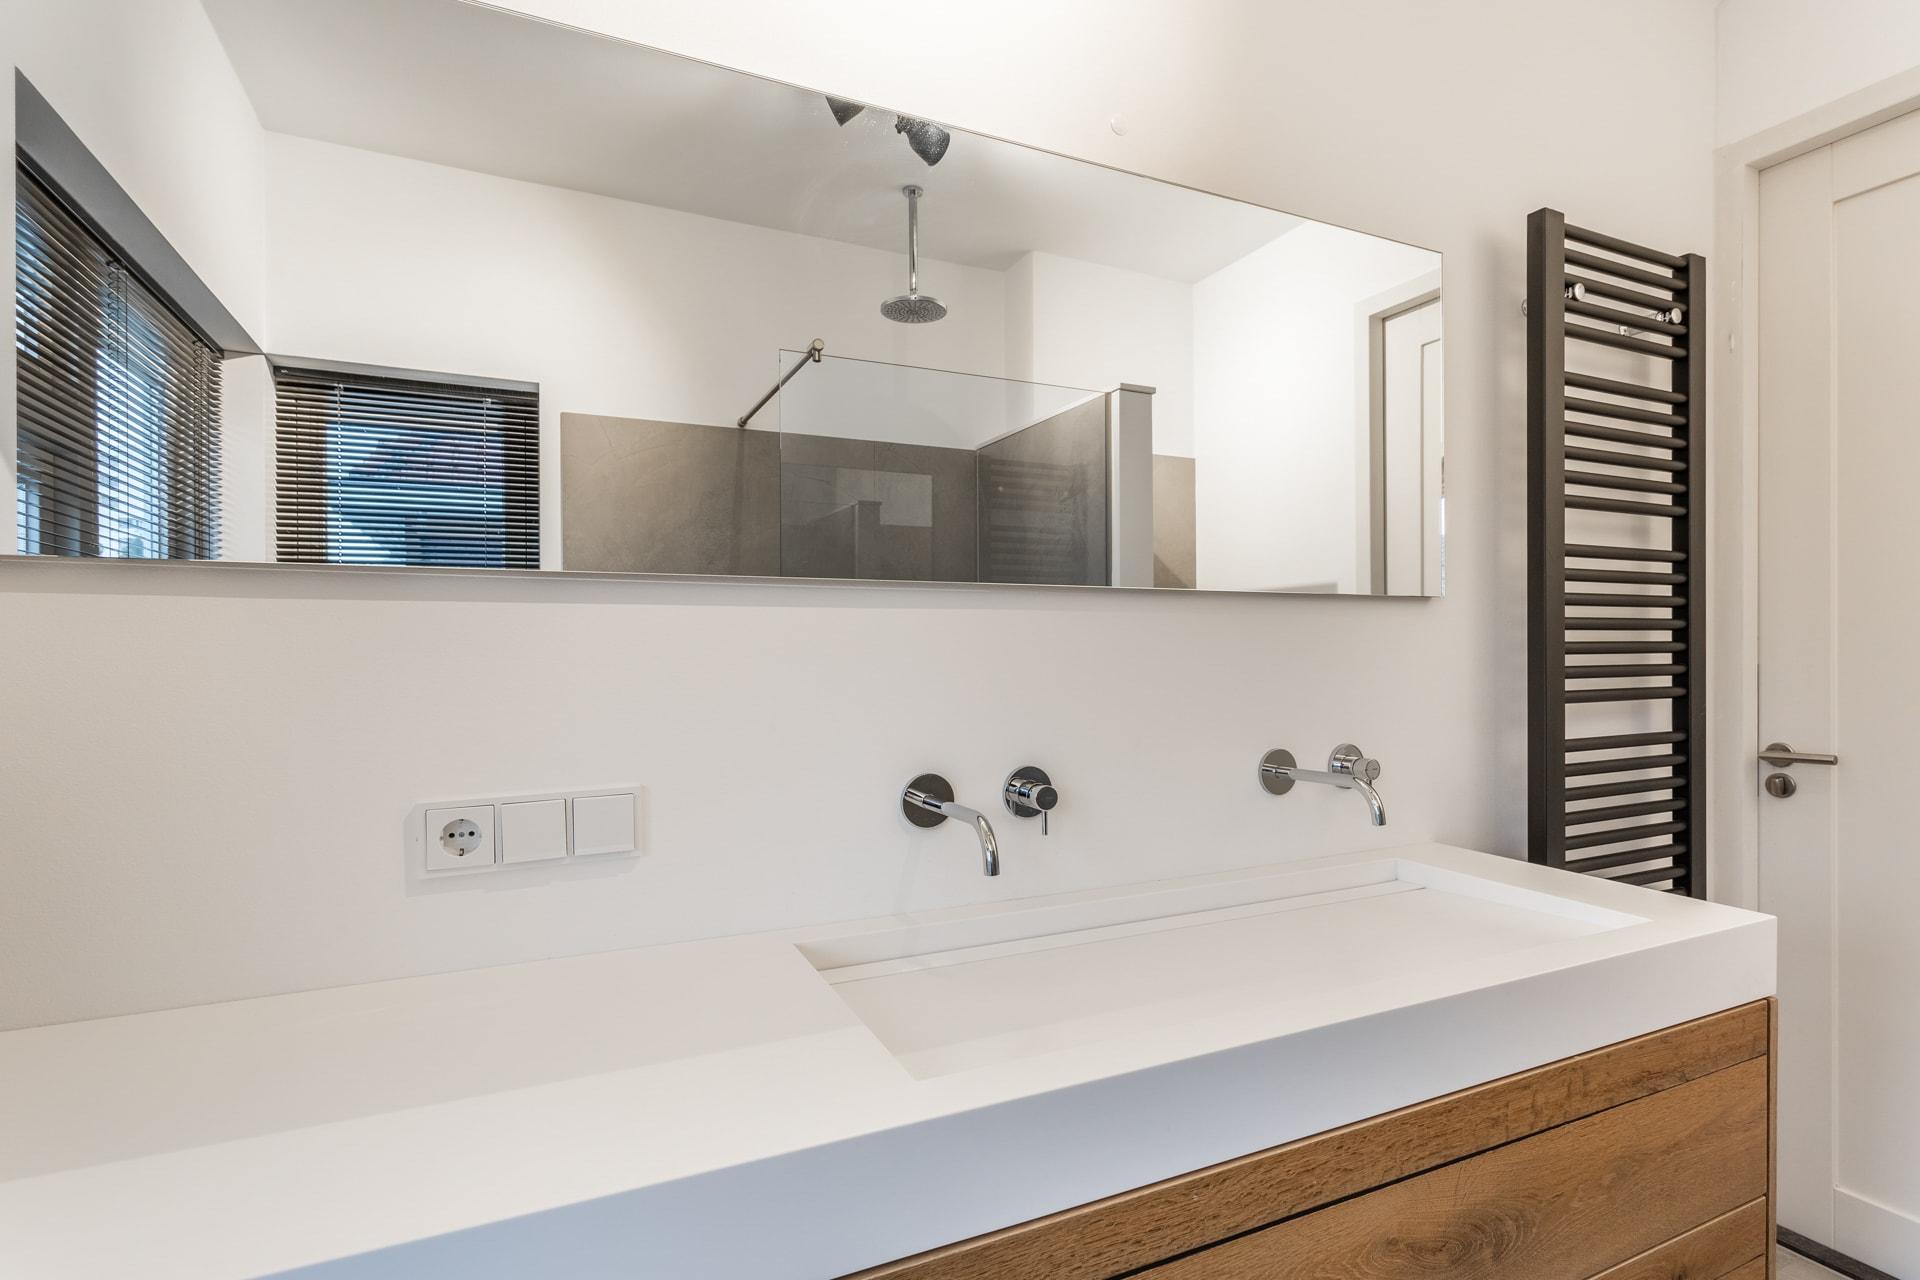 van-Os-architecten-verbouwing-2-onder-1-kapper-Valkenierslaan-Breda--dubbele-wastafel-op-luxe-badkamer